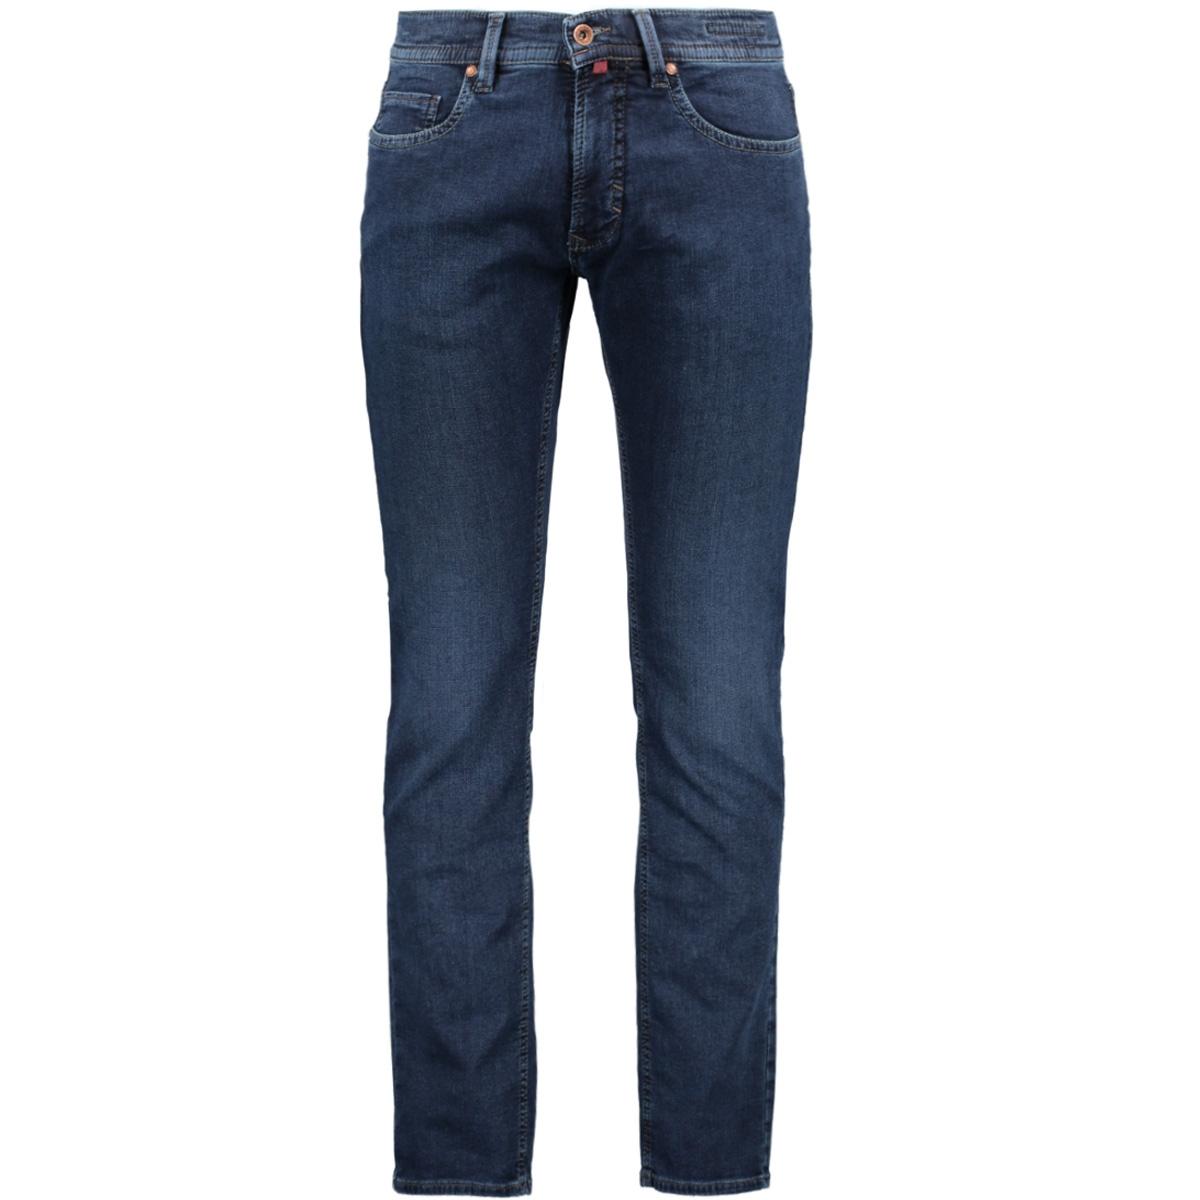 30911 07690 pierre cardin jeans 53